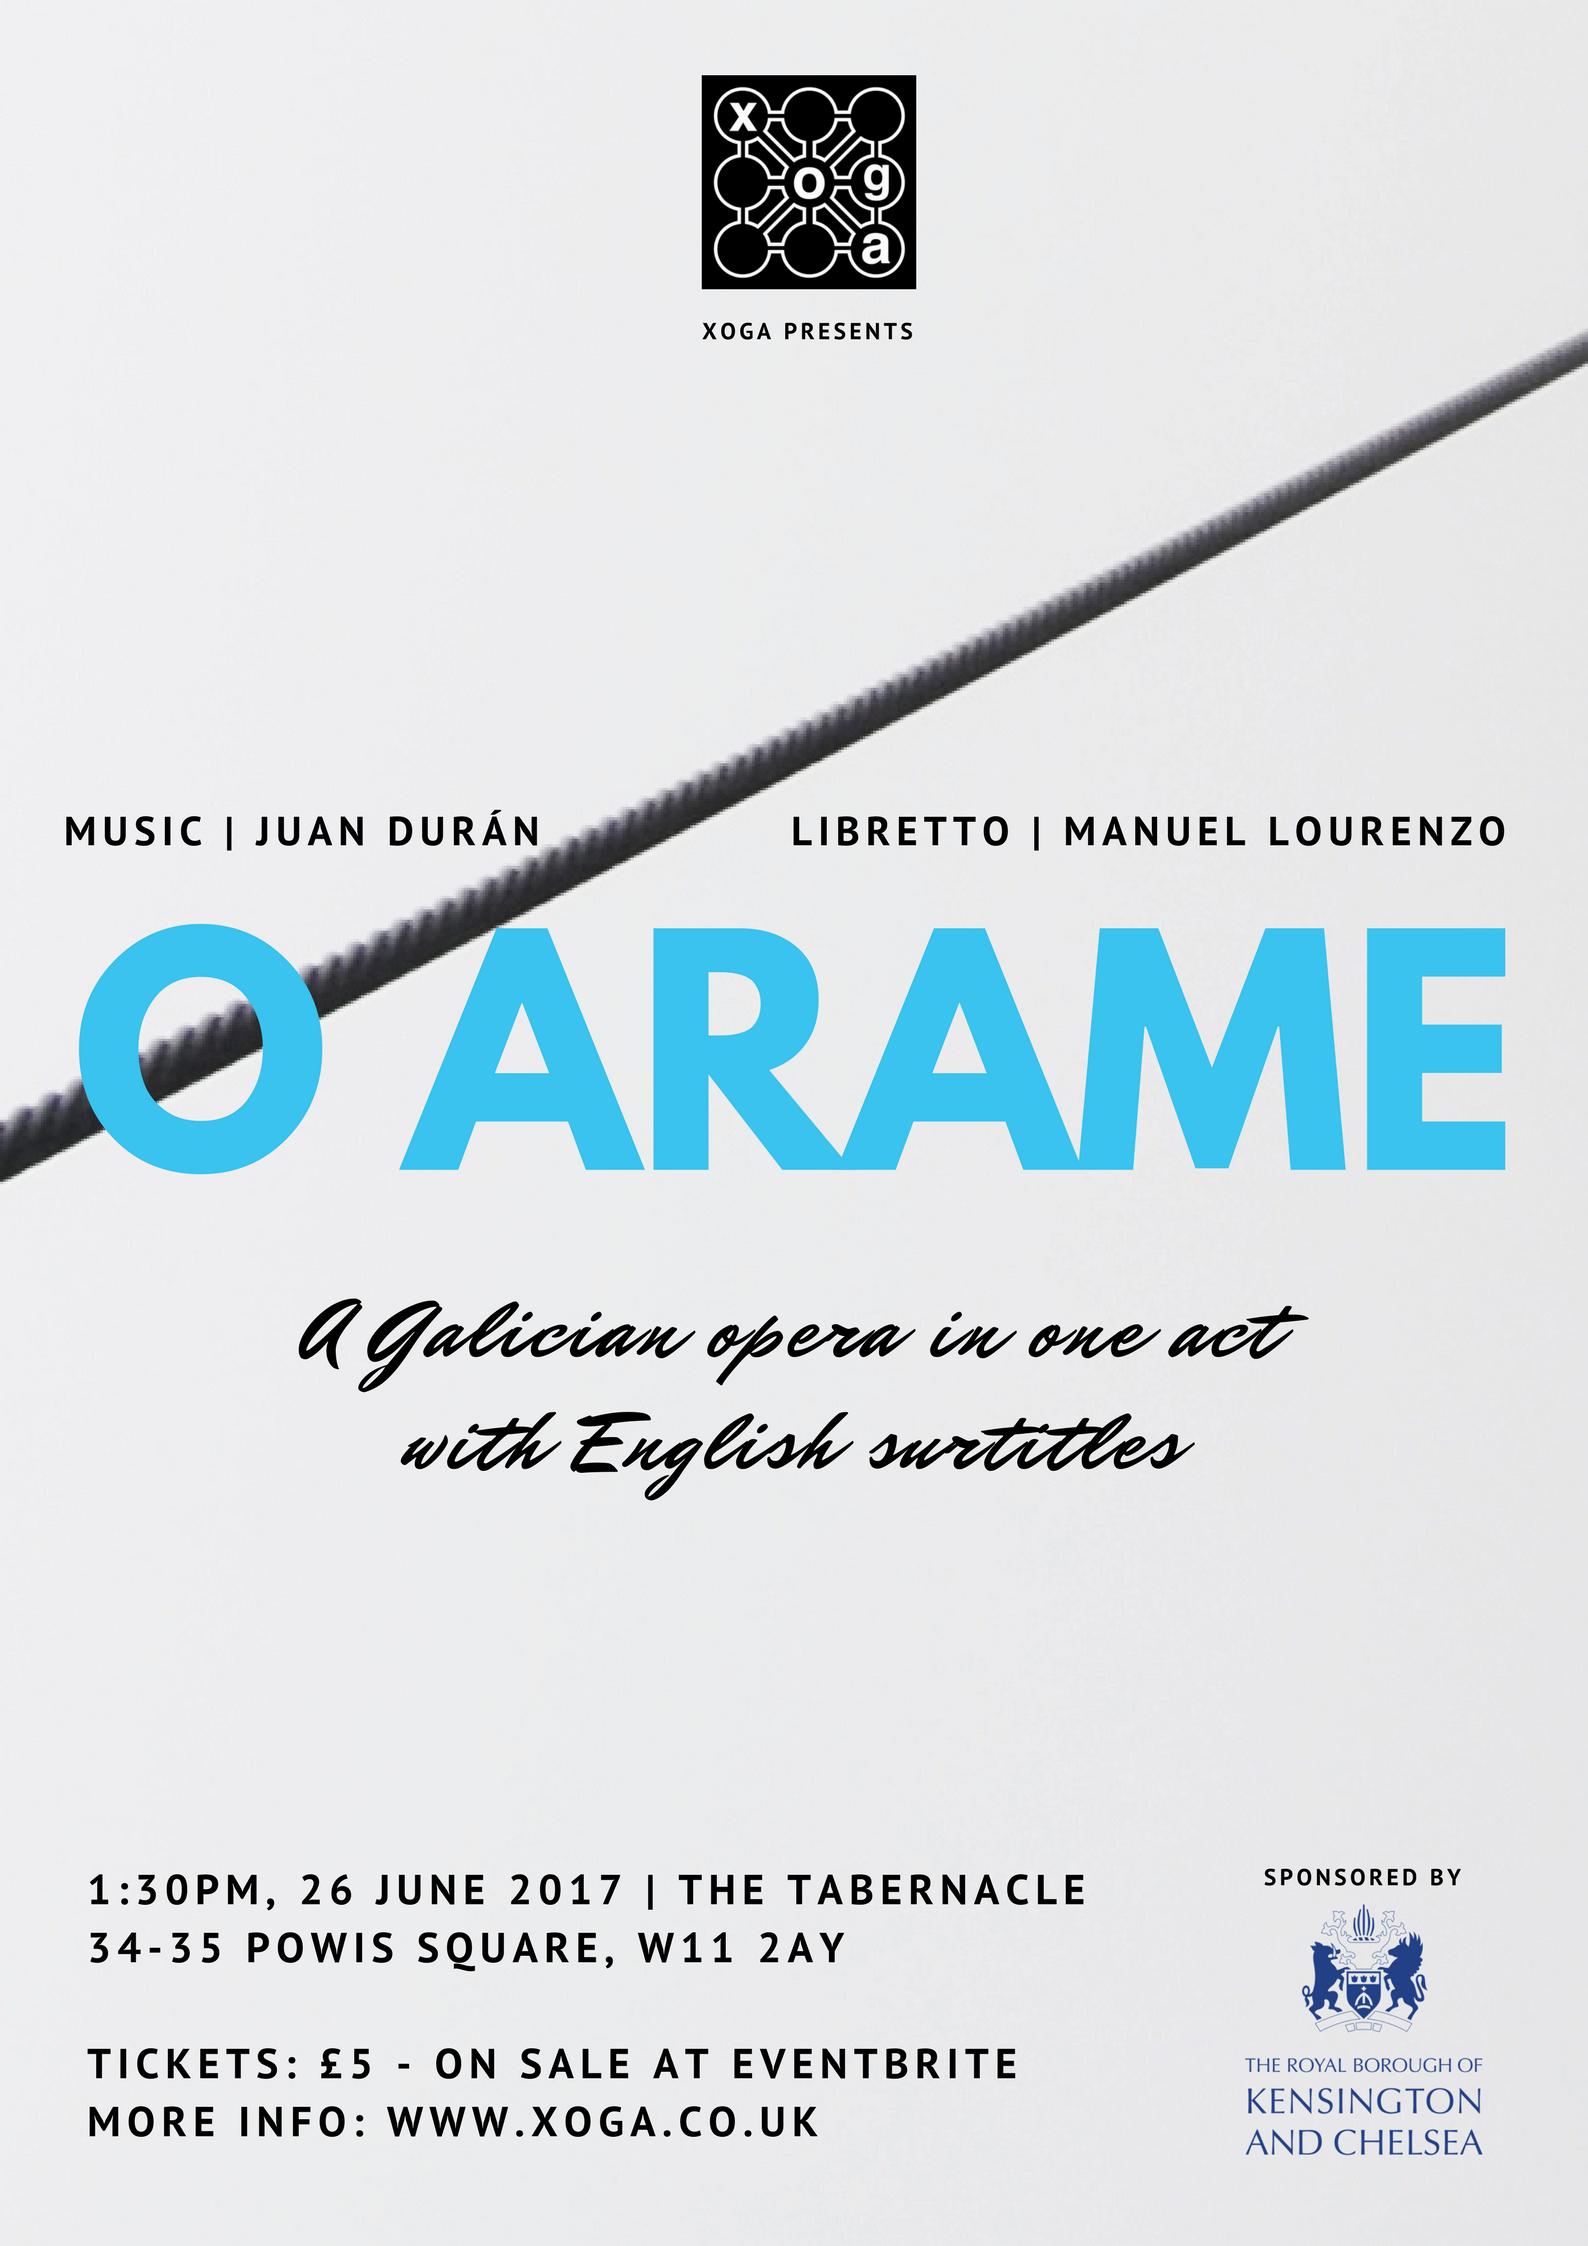 O ARAME (THE TIGHTROPE)